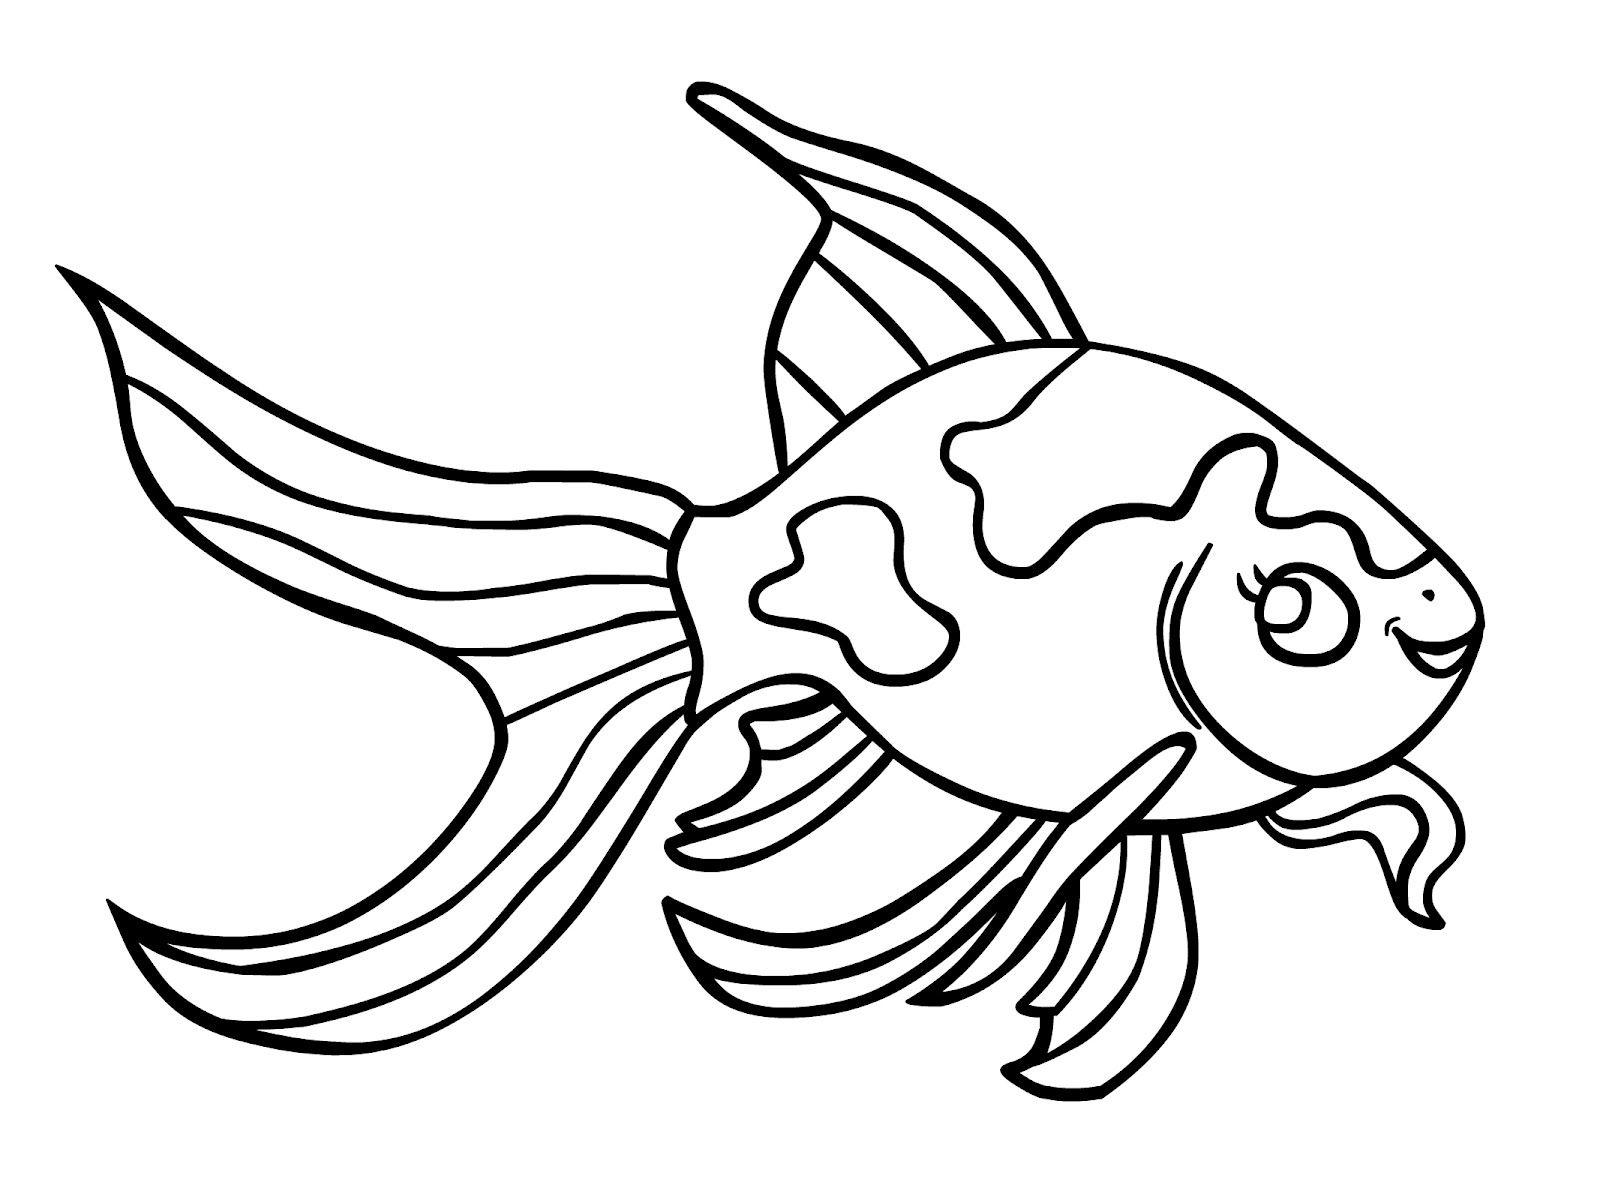 Tranh tô màu cá vàng cực đẹp